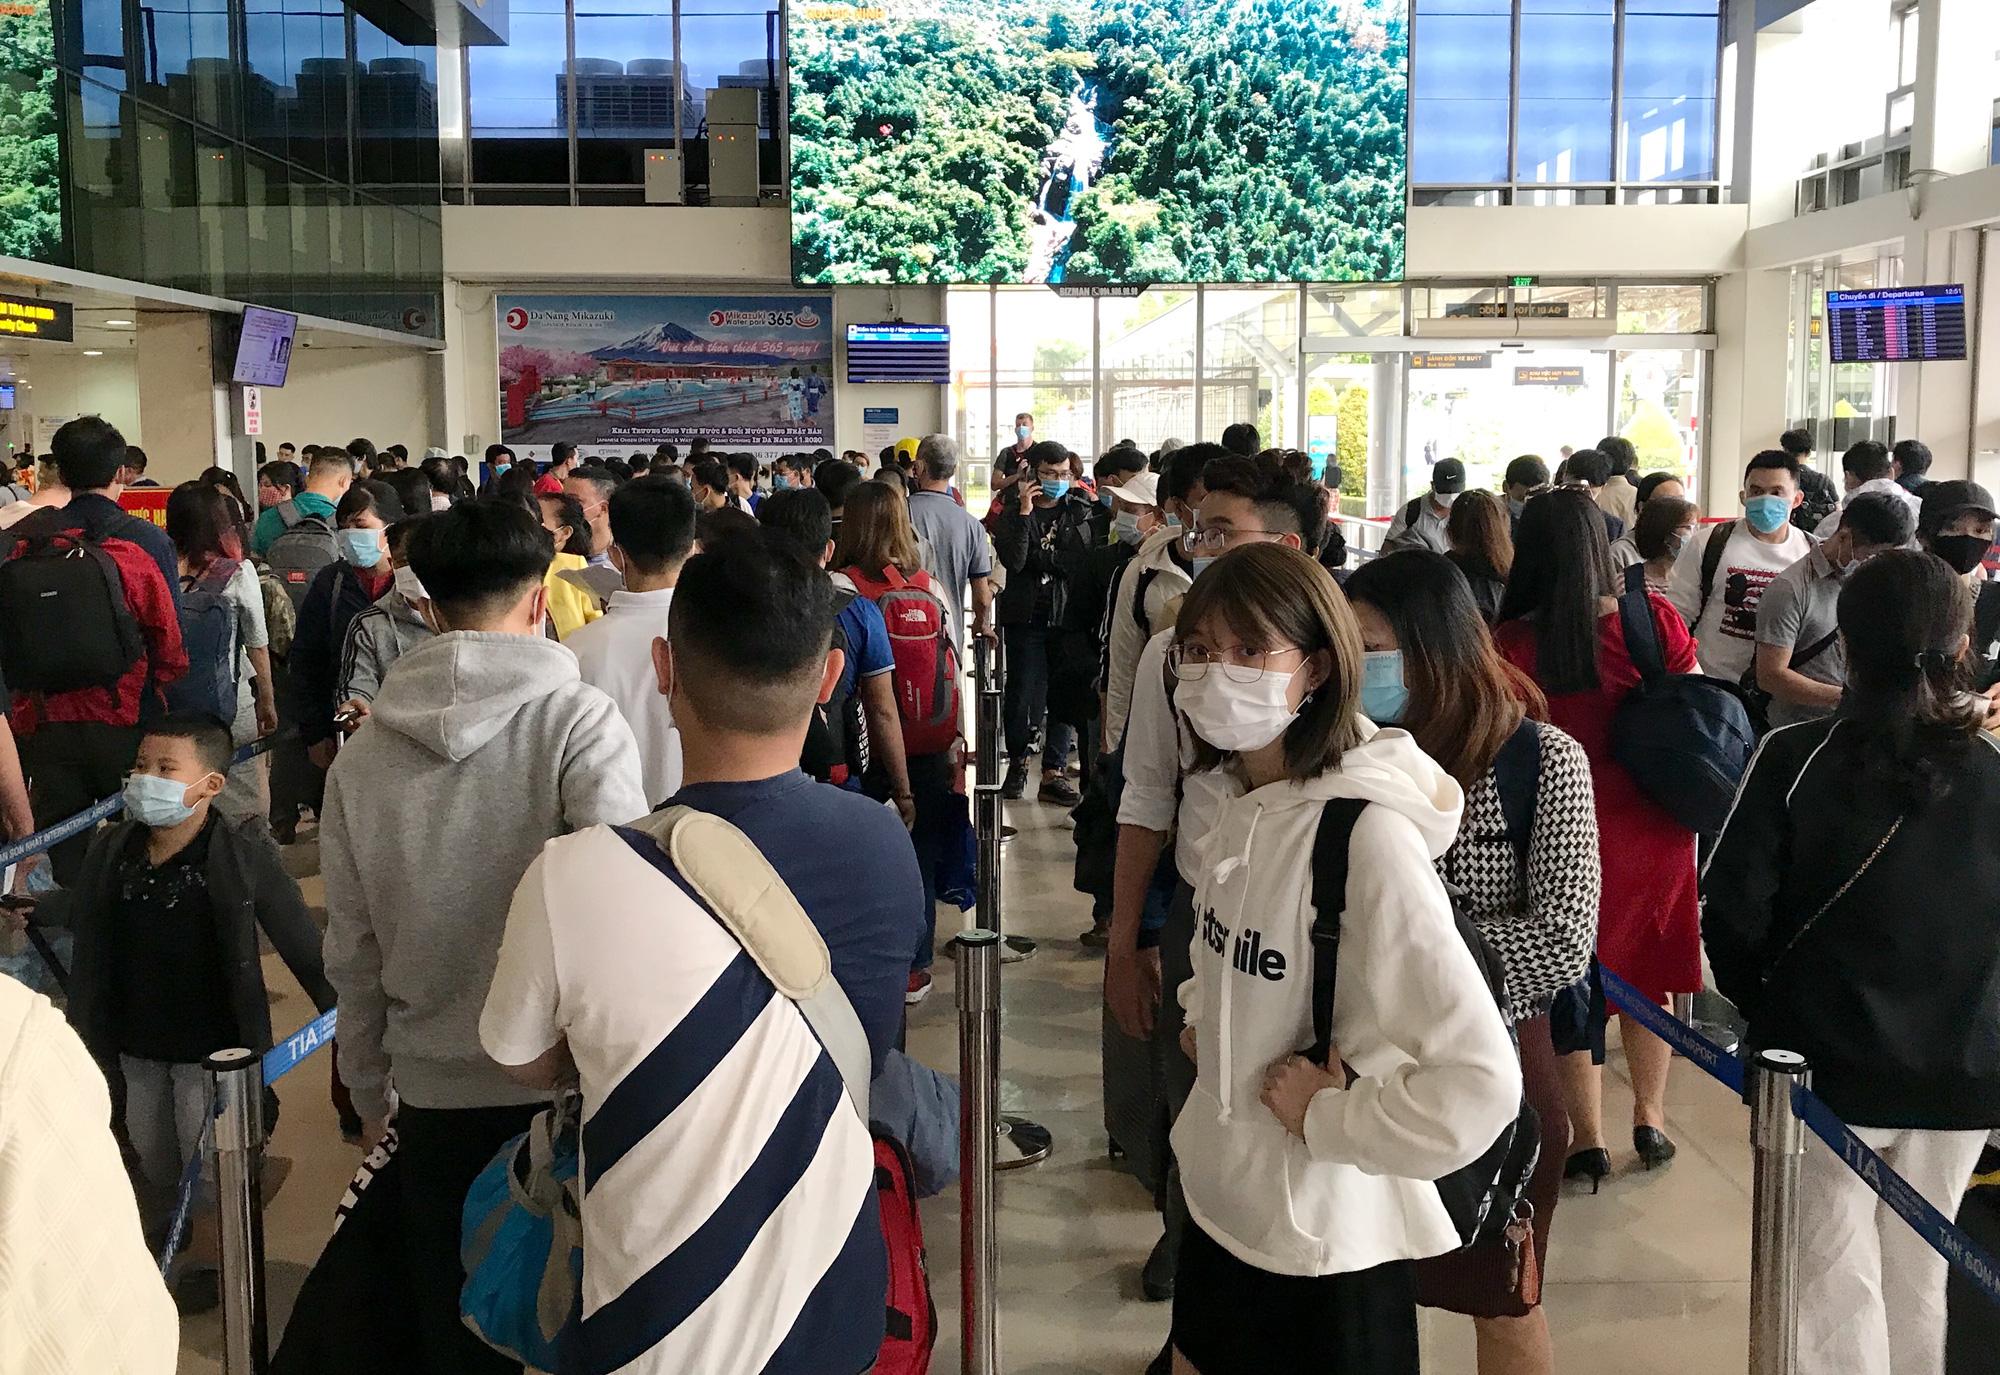 Giá vé bay Tết Tân Sửu: Vietnam Airlines, Vietjet, Bamboo Airways bất ngờ giảm tiếp cả triệu đồng - Ảnh 3.